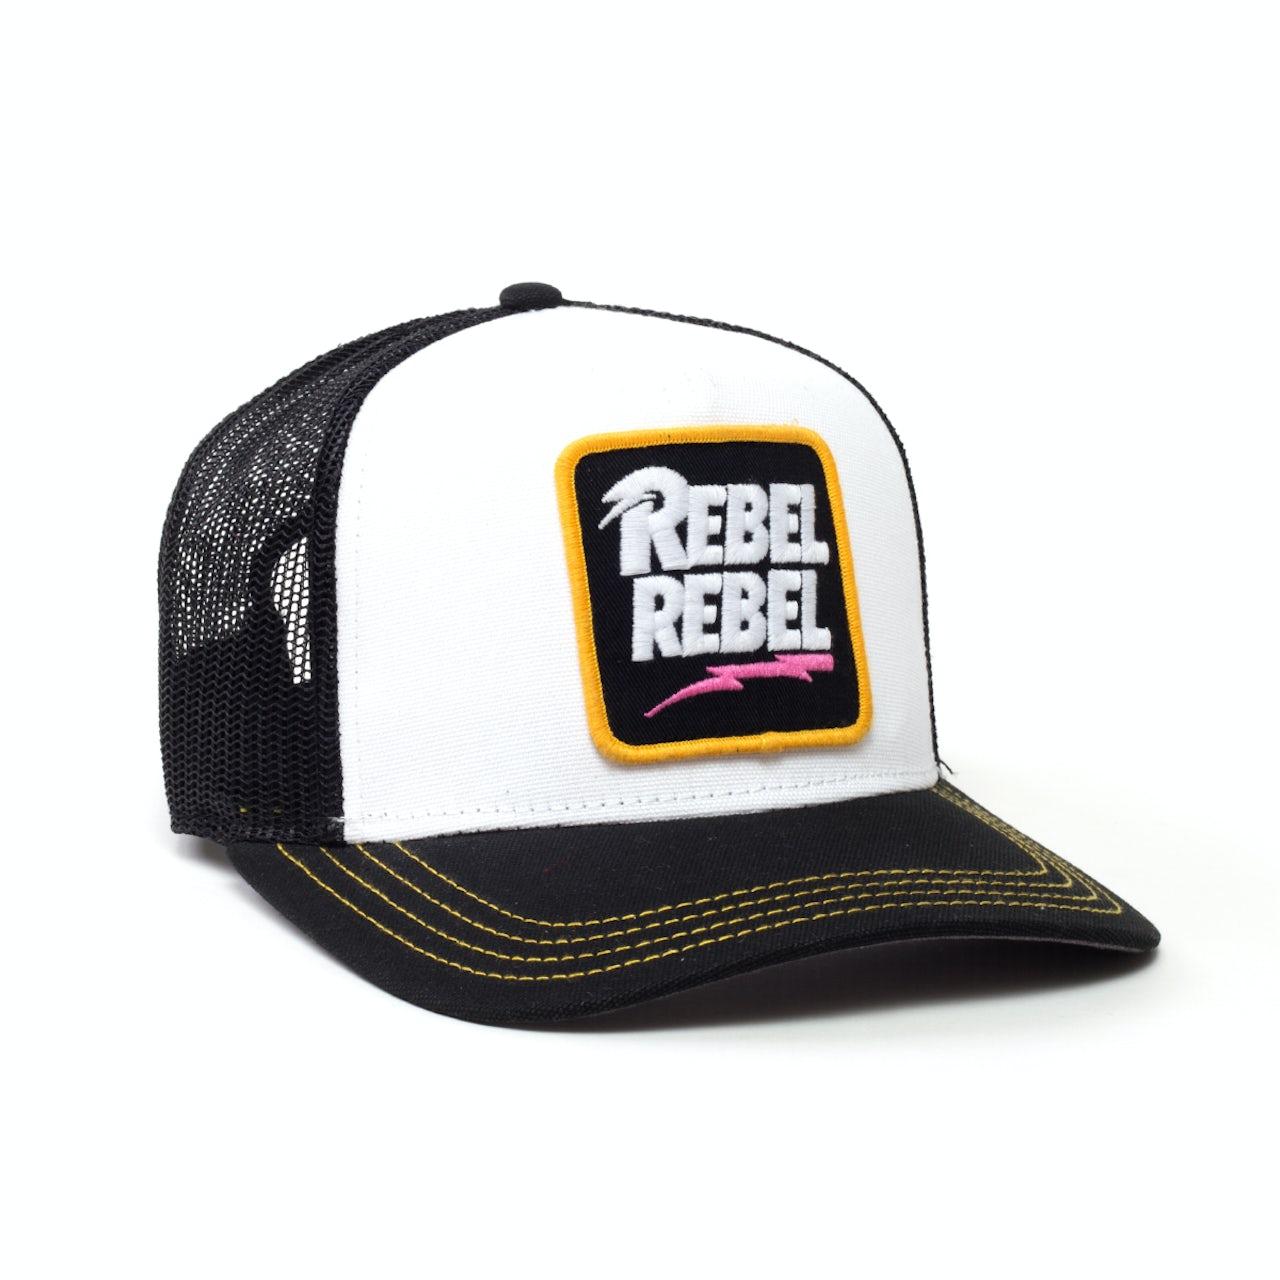 5ef0d66d71aba2 David Bowie Rebel Rebel Hat White/Black